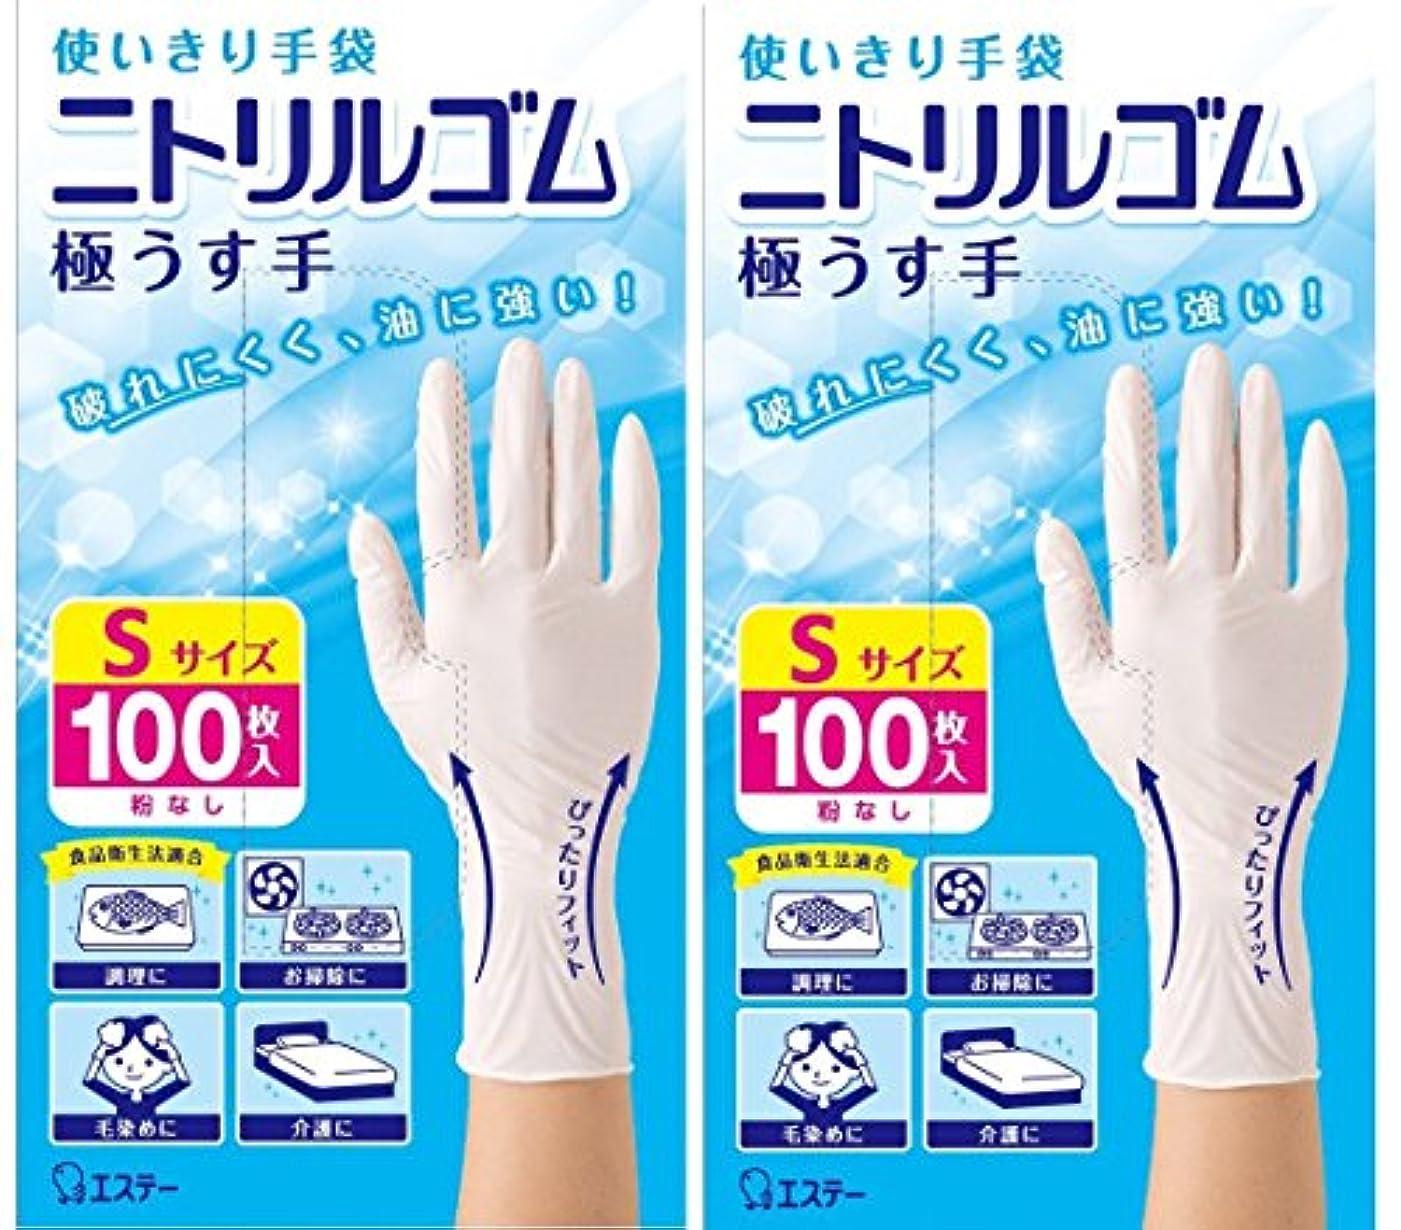 超高層ビル威信鰐【お徳用 2 セット】 使いきり手袋 ニトリルゴム 極うす手 ホワイト 粉なし Sサイズ 100枚入×2セット